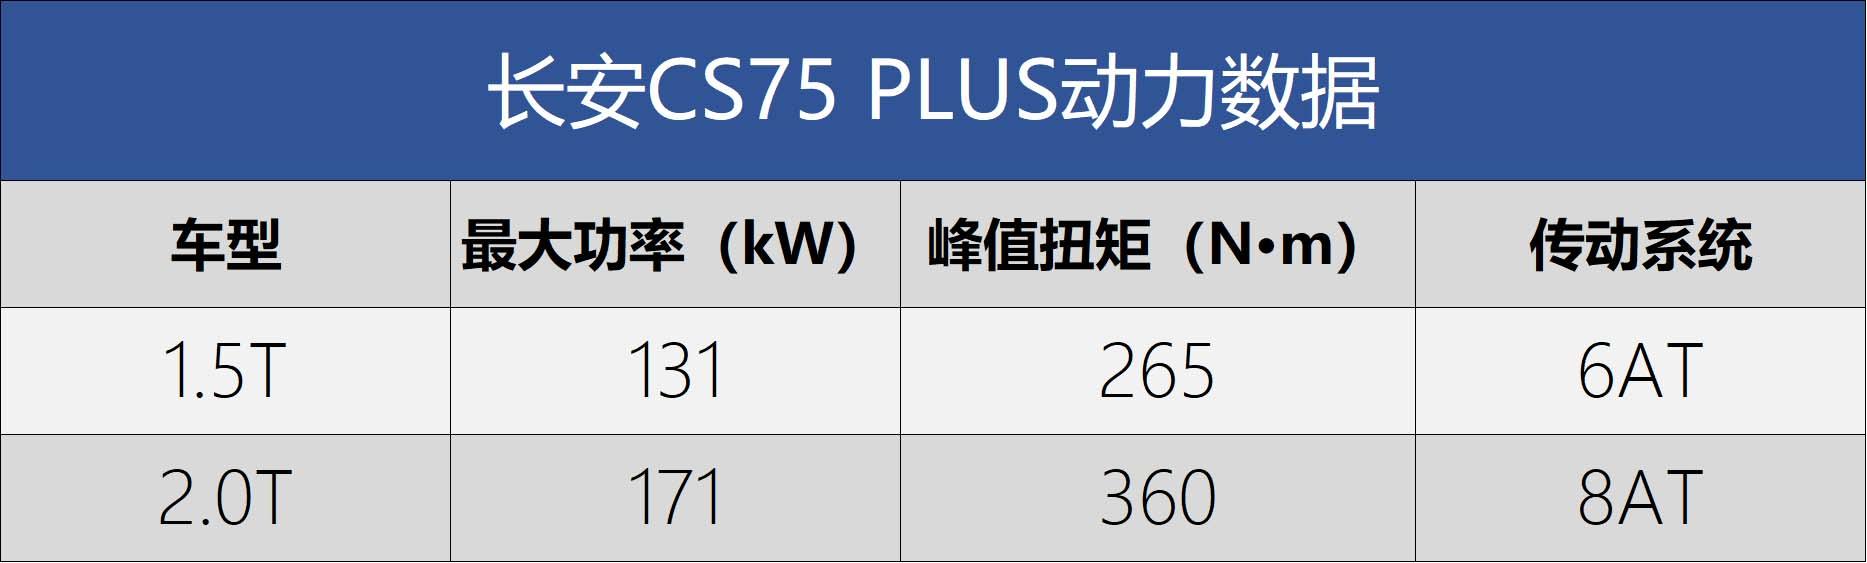 原创                 技术革新诠释未来格调 长安CS75PLUS究竟是怎样的明日座驾?